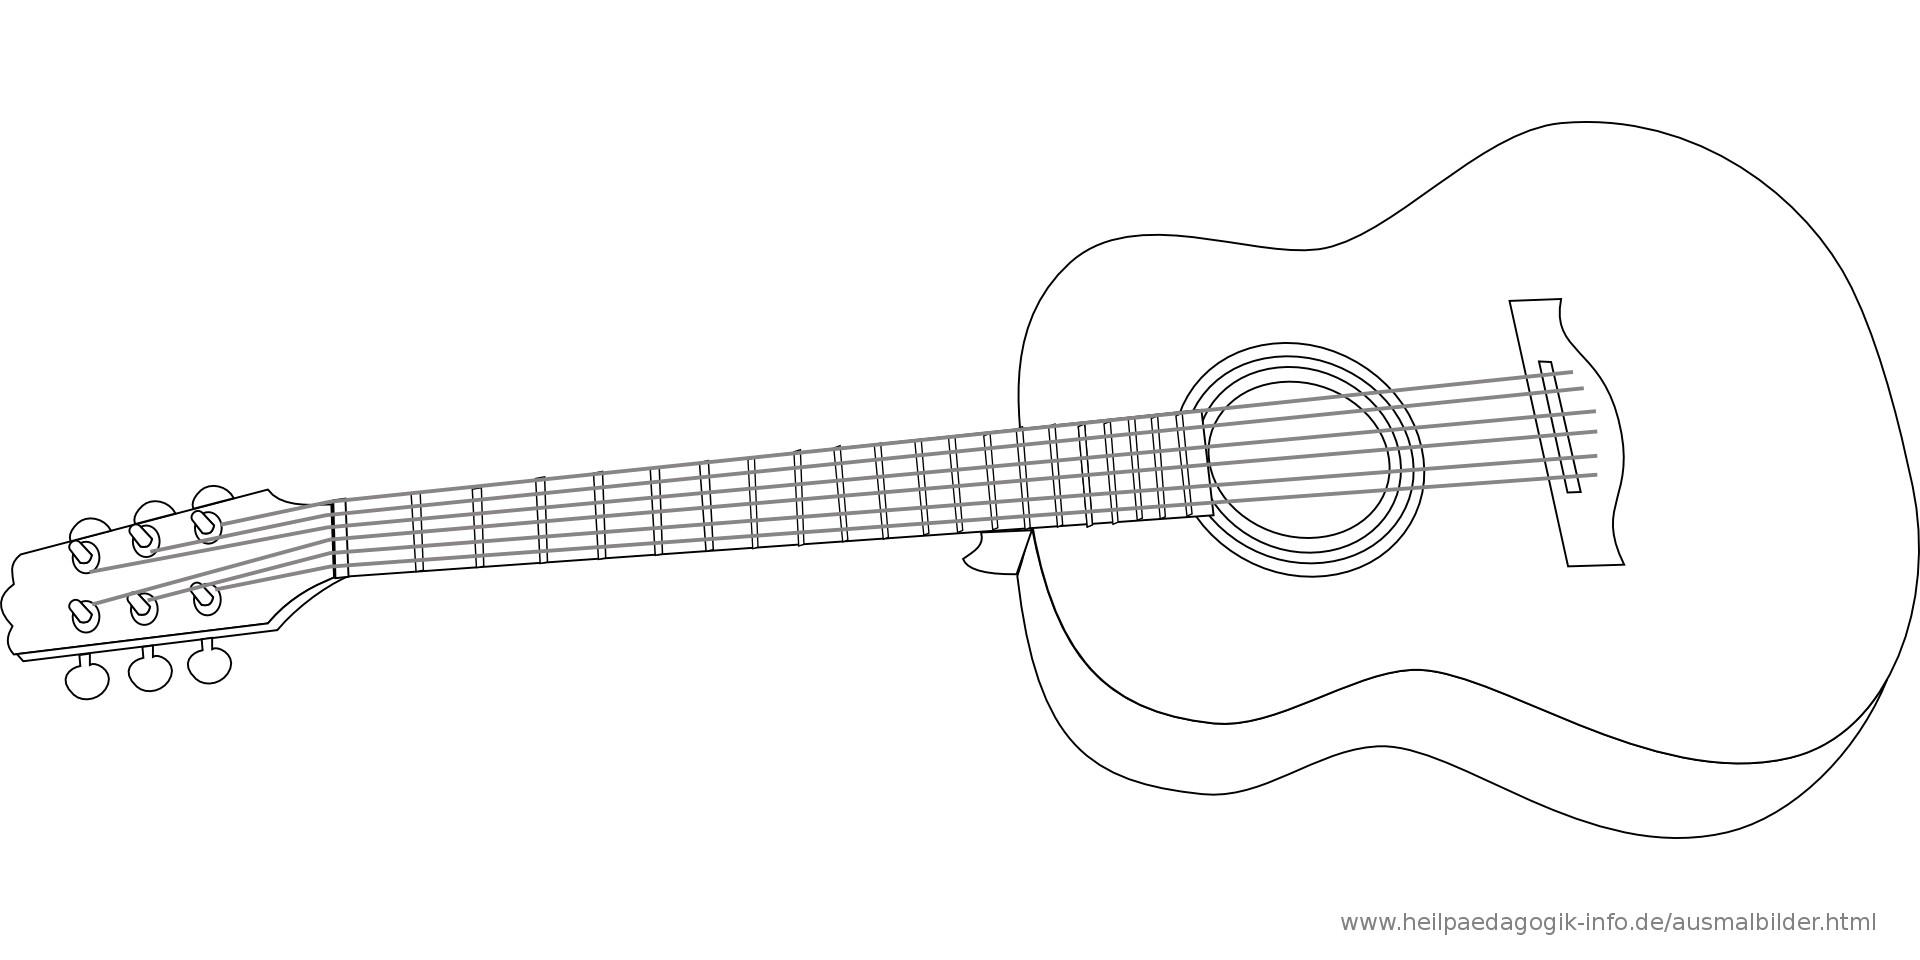 Ausmalbilder Instrumente Frisch Malvorlagen Gitarrist Fotografieren